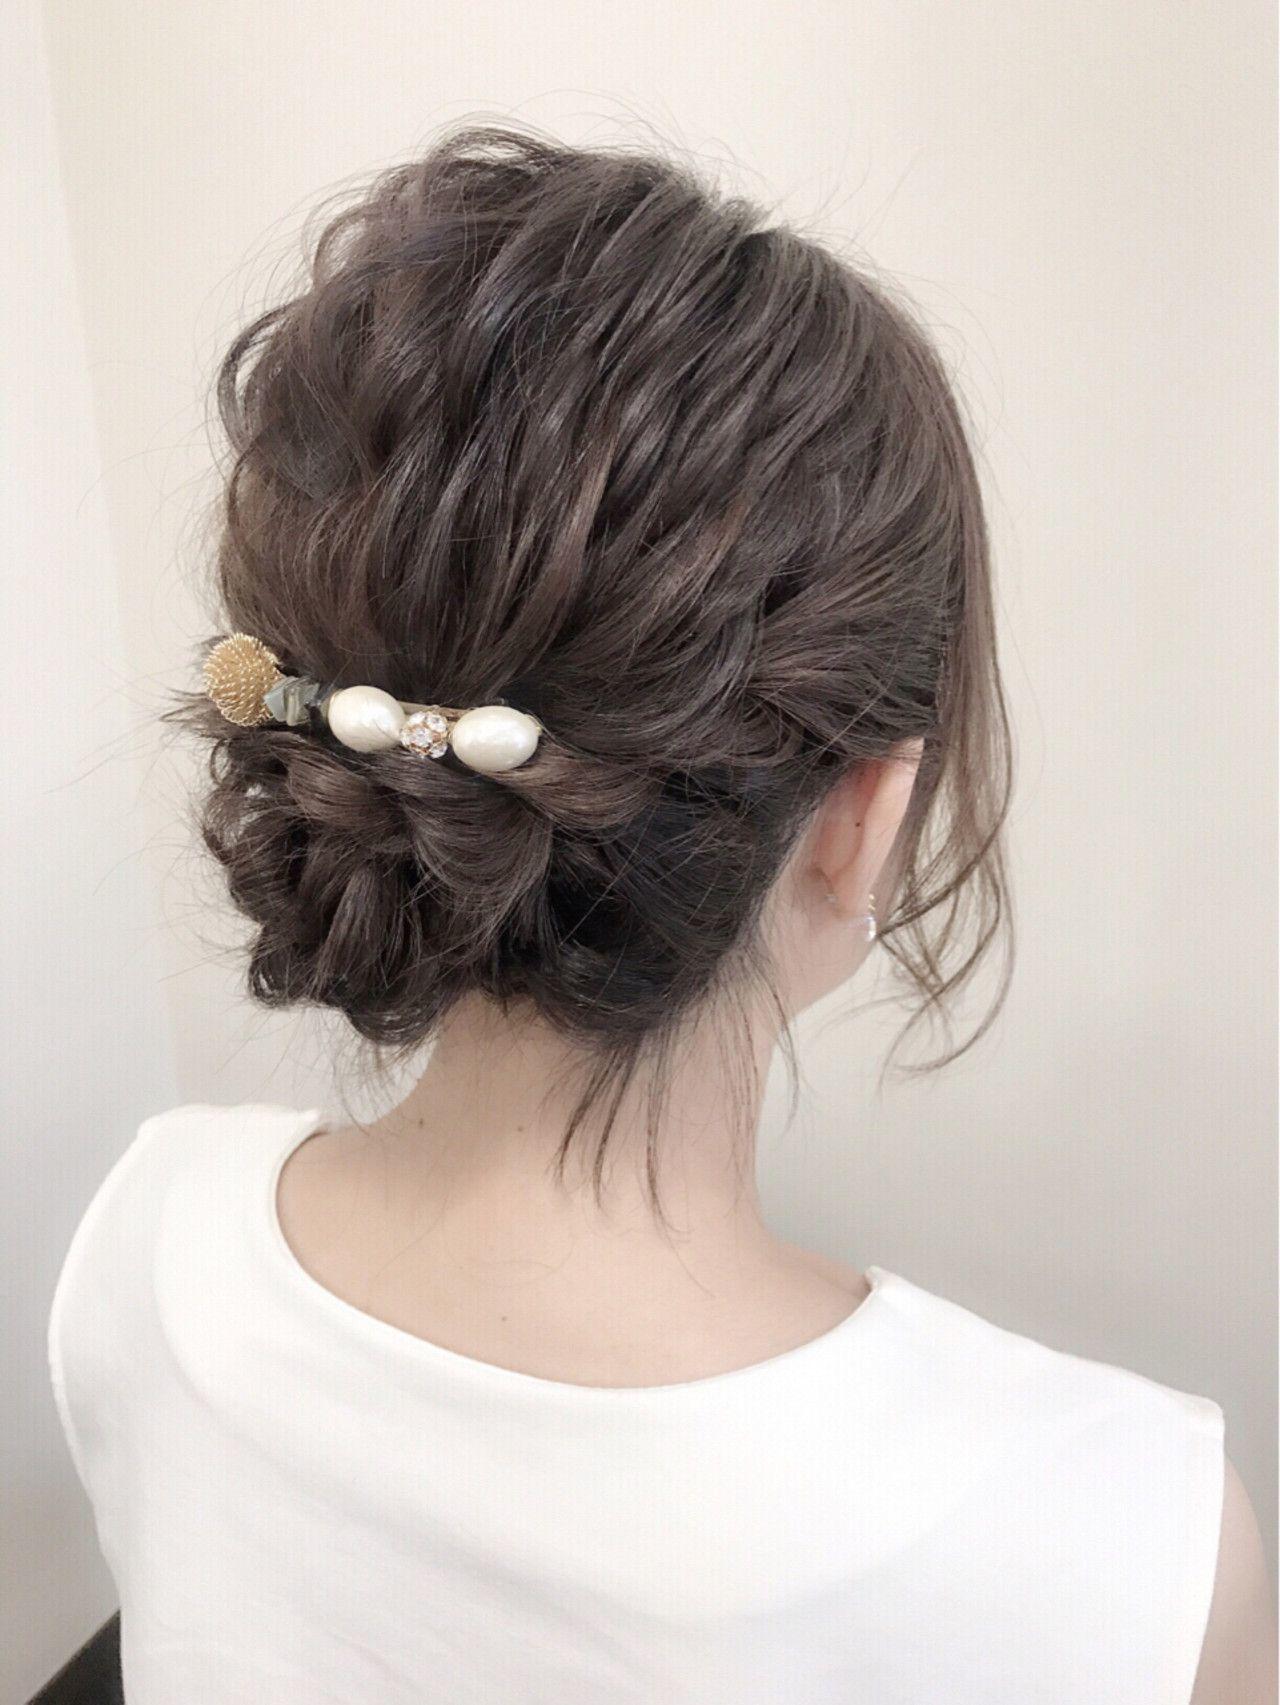 【編み込み】で今っぽヘアのできあがり♡簡単なやり方を徹底解説の15枚目の画像